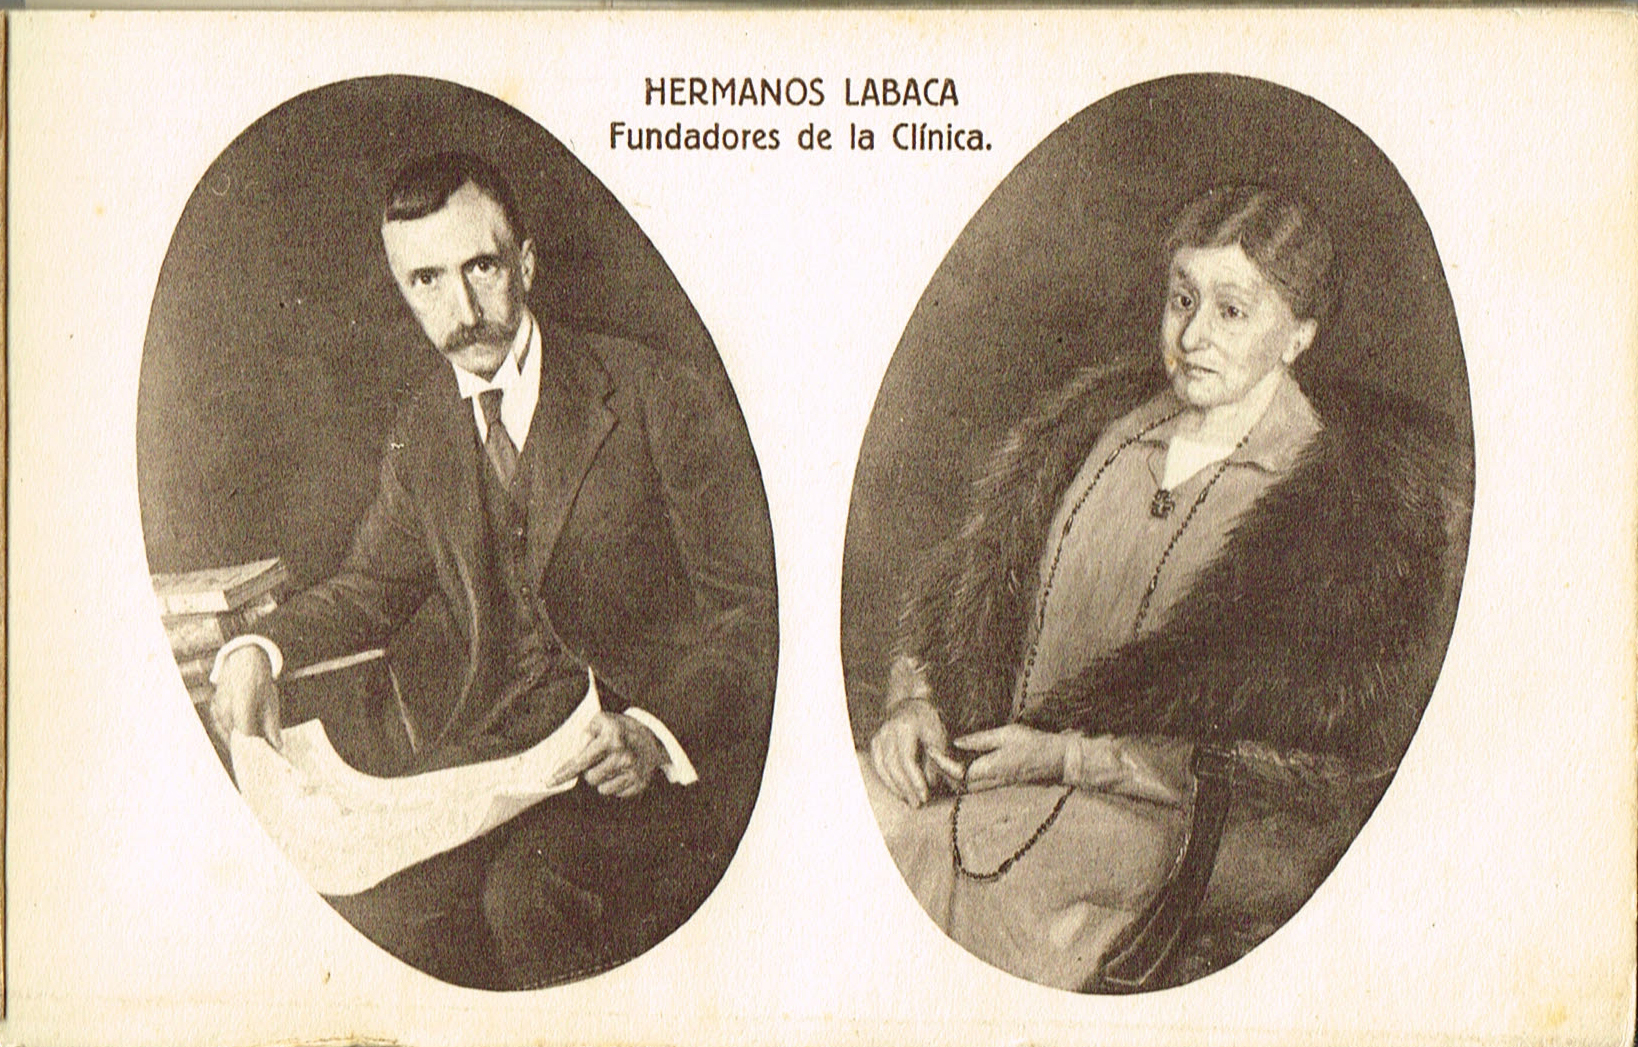 Hermanos Labaca